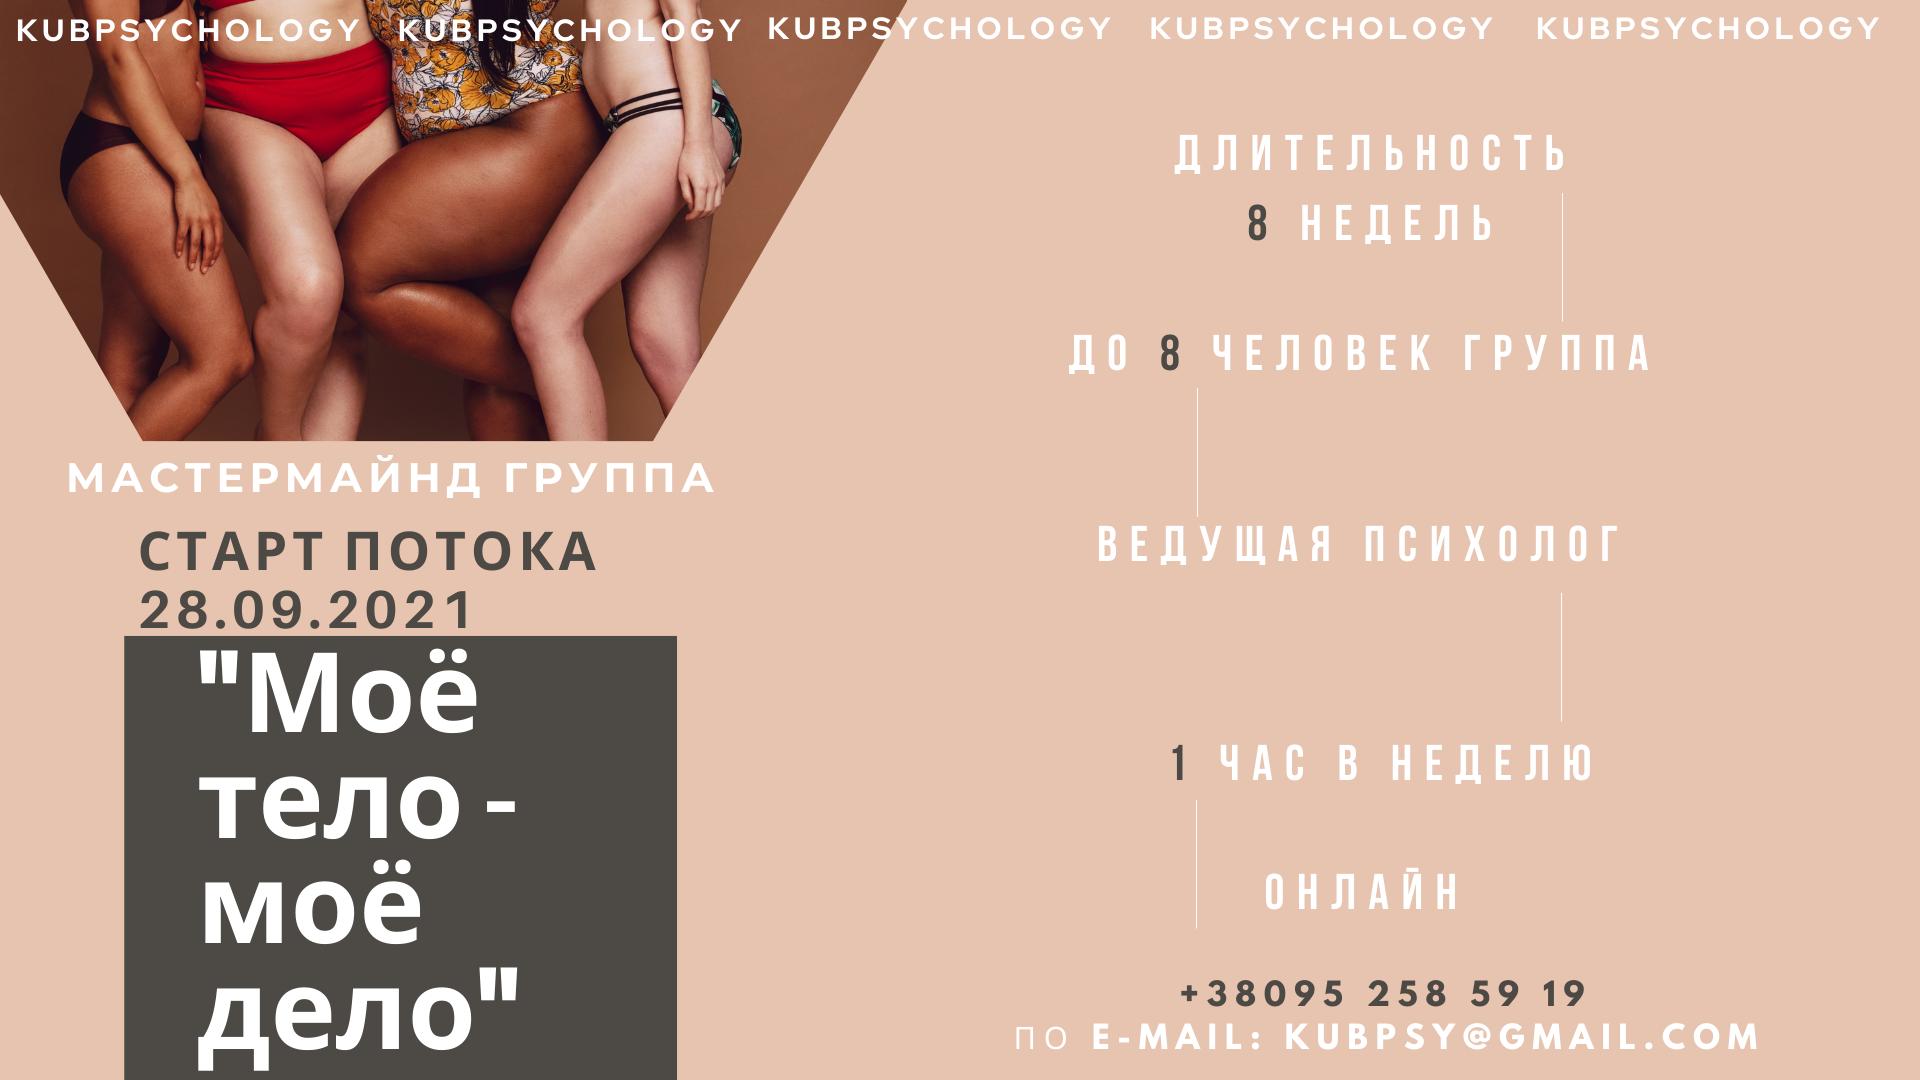 Куда пойти на выходных в Киеве: интересные события 2 и 3 октября - фото №5